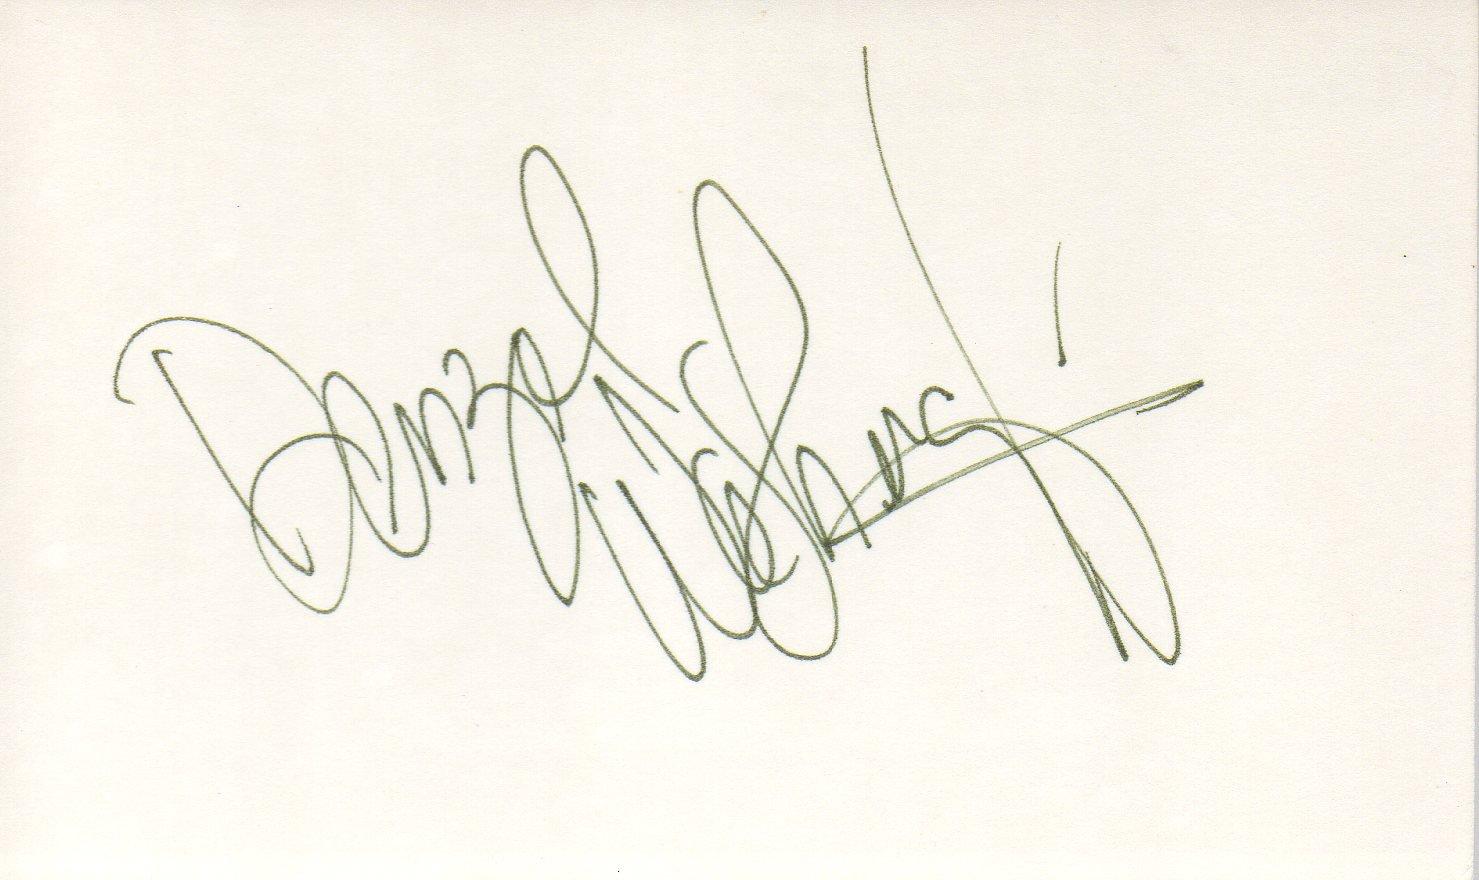 Denzel Washington hand signed 3x5 card